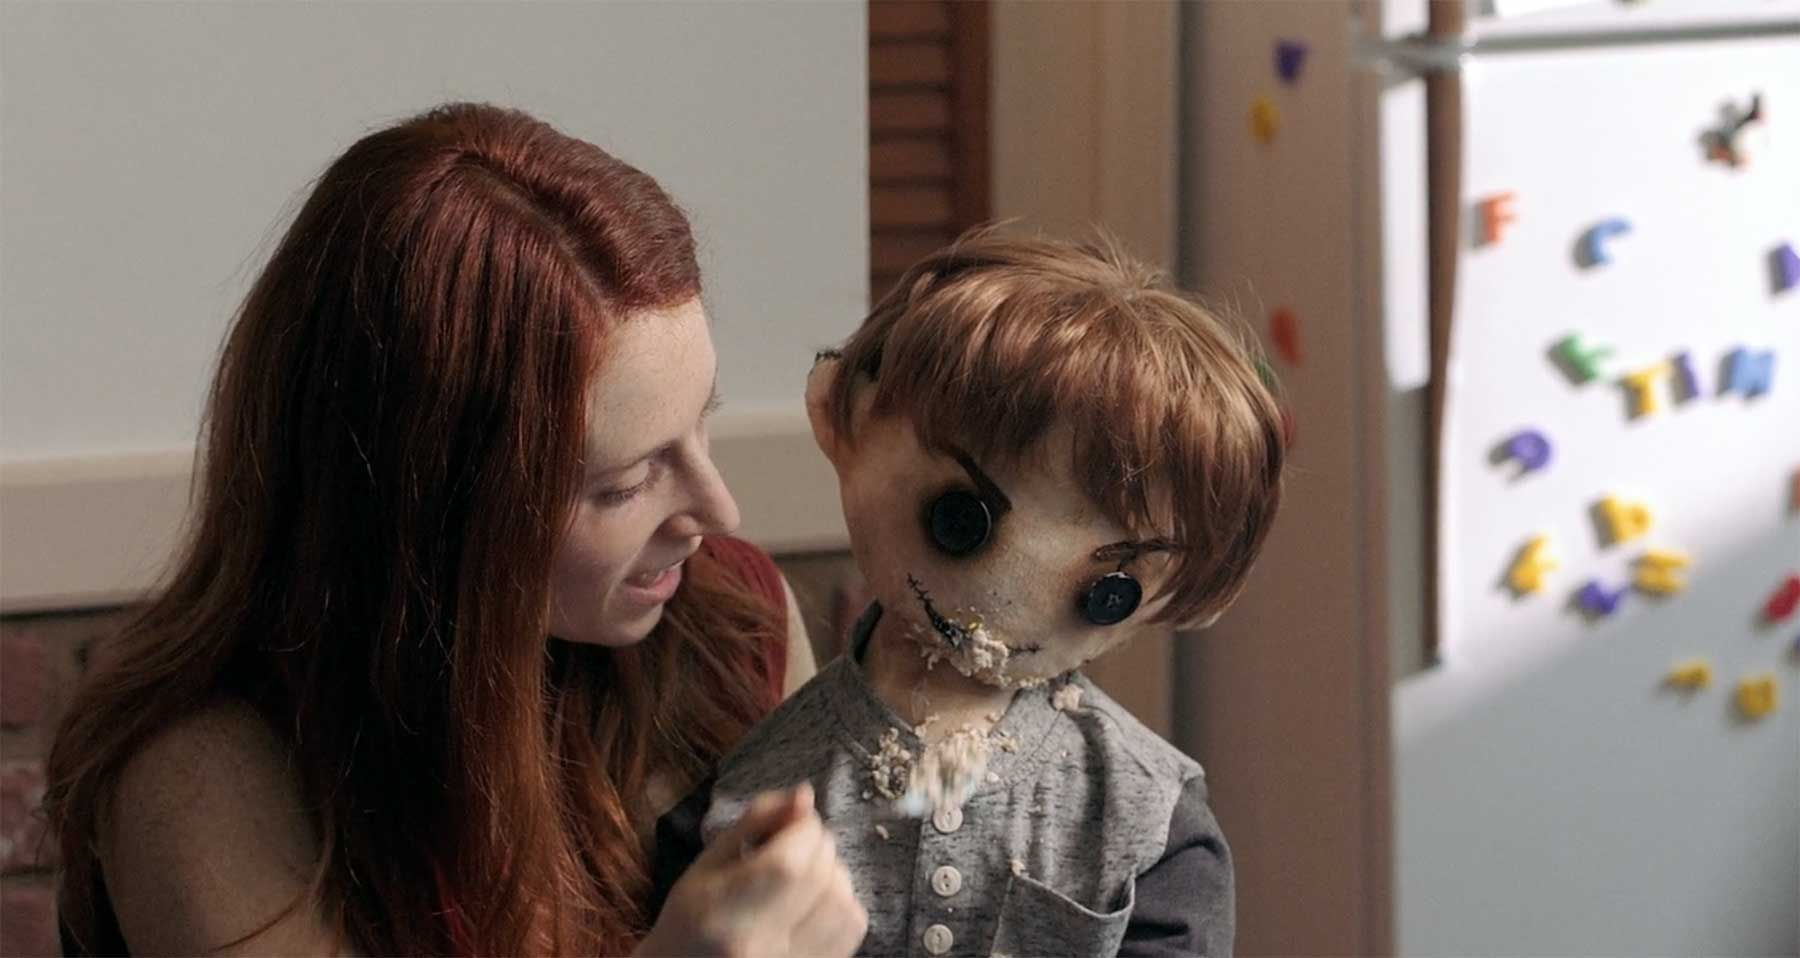 Puppe als Ersatz für das verstorbene Kind